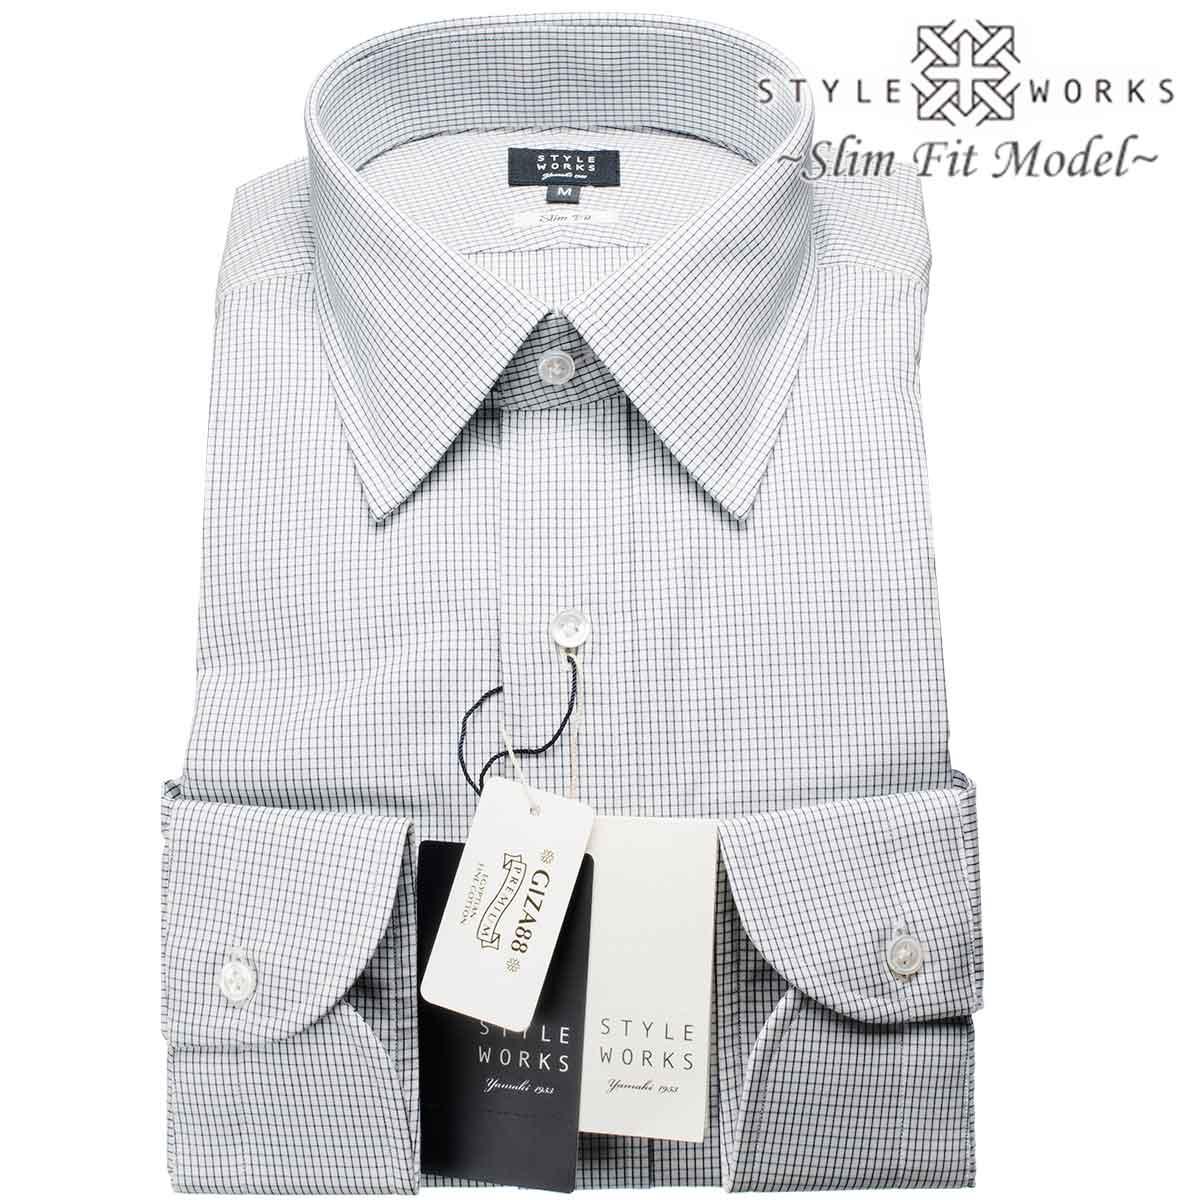 ドレスシャツ ワイシャツ シャツ メンズ 国産 長袖 スリムフィット GIZA88 レギュラーカラー ネイビーグラフチェック